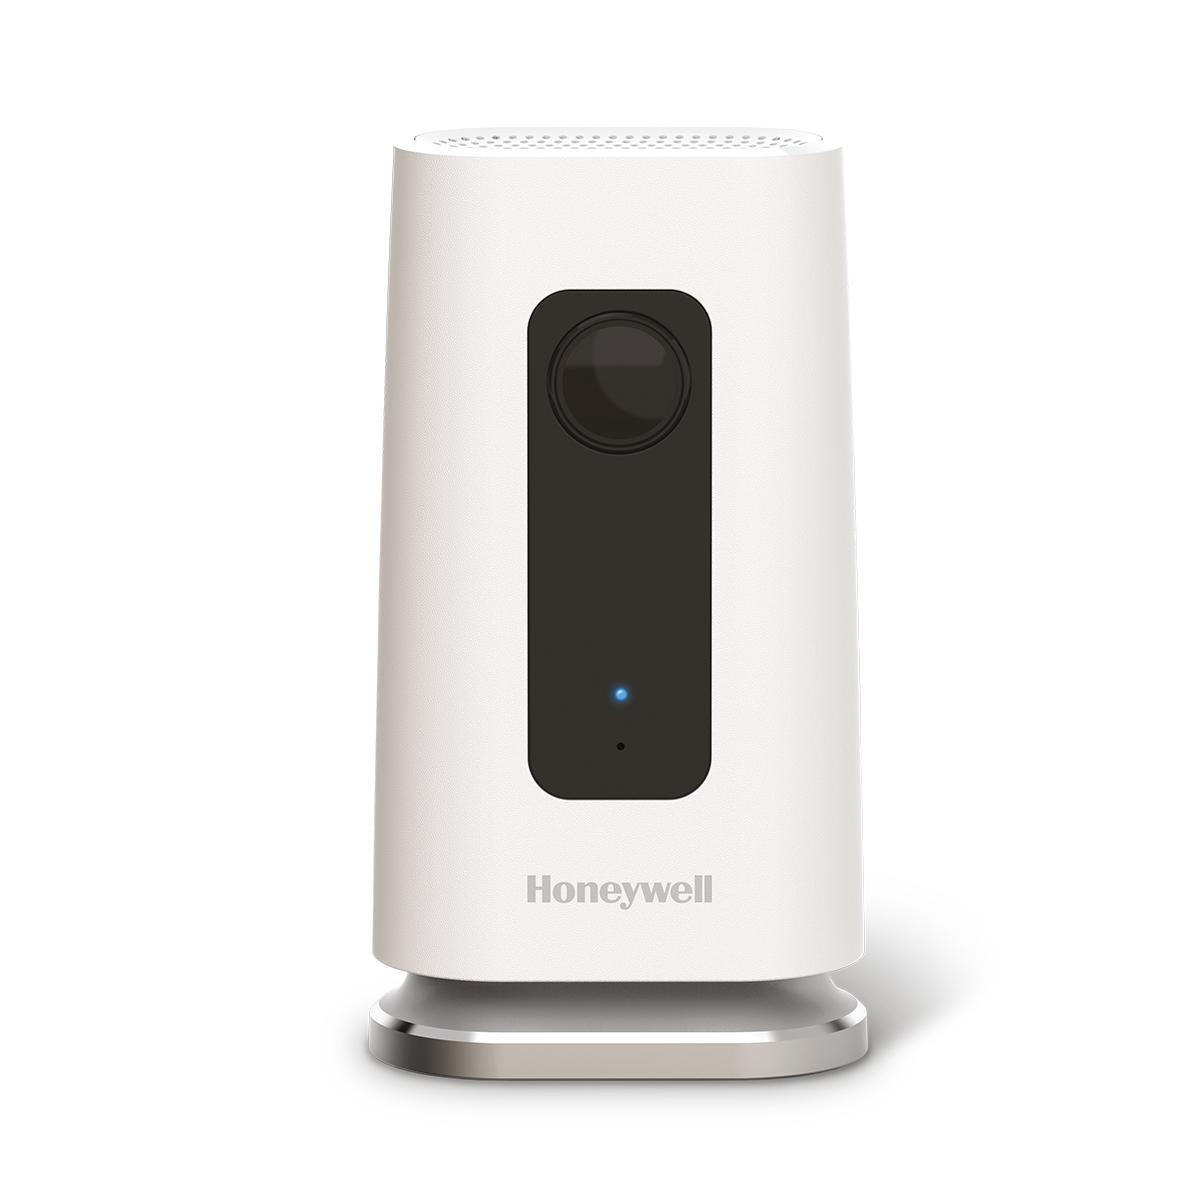 Wi-Fi beveiligingscamera C1 van Honeywell. Beveilig je huis met camera en blijf altijd op de hoogte via je smartphone of tablet ##woning #inbraakbeveiliging #camera #smartphone